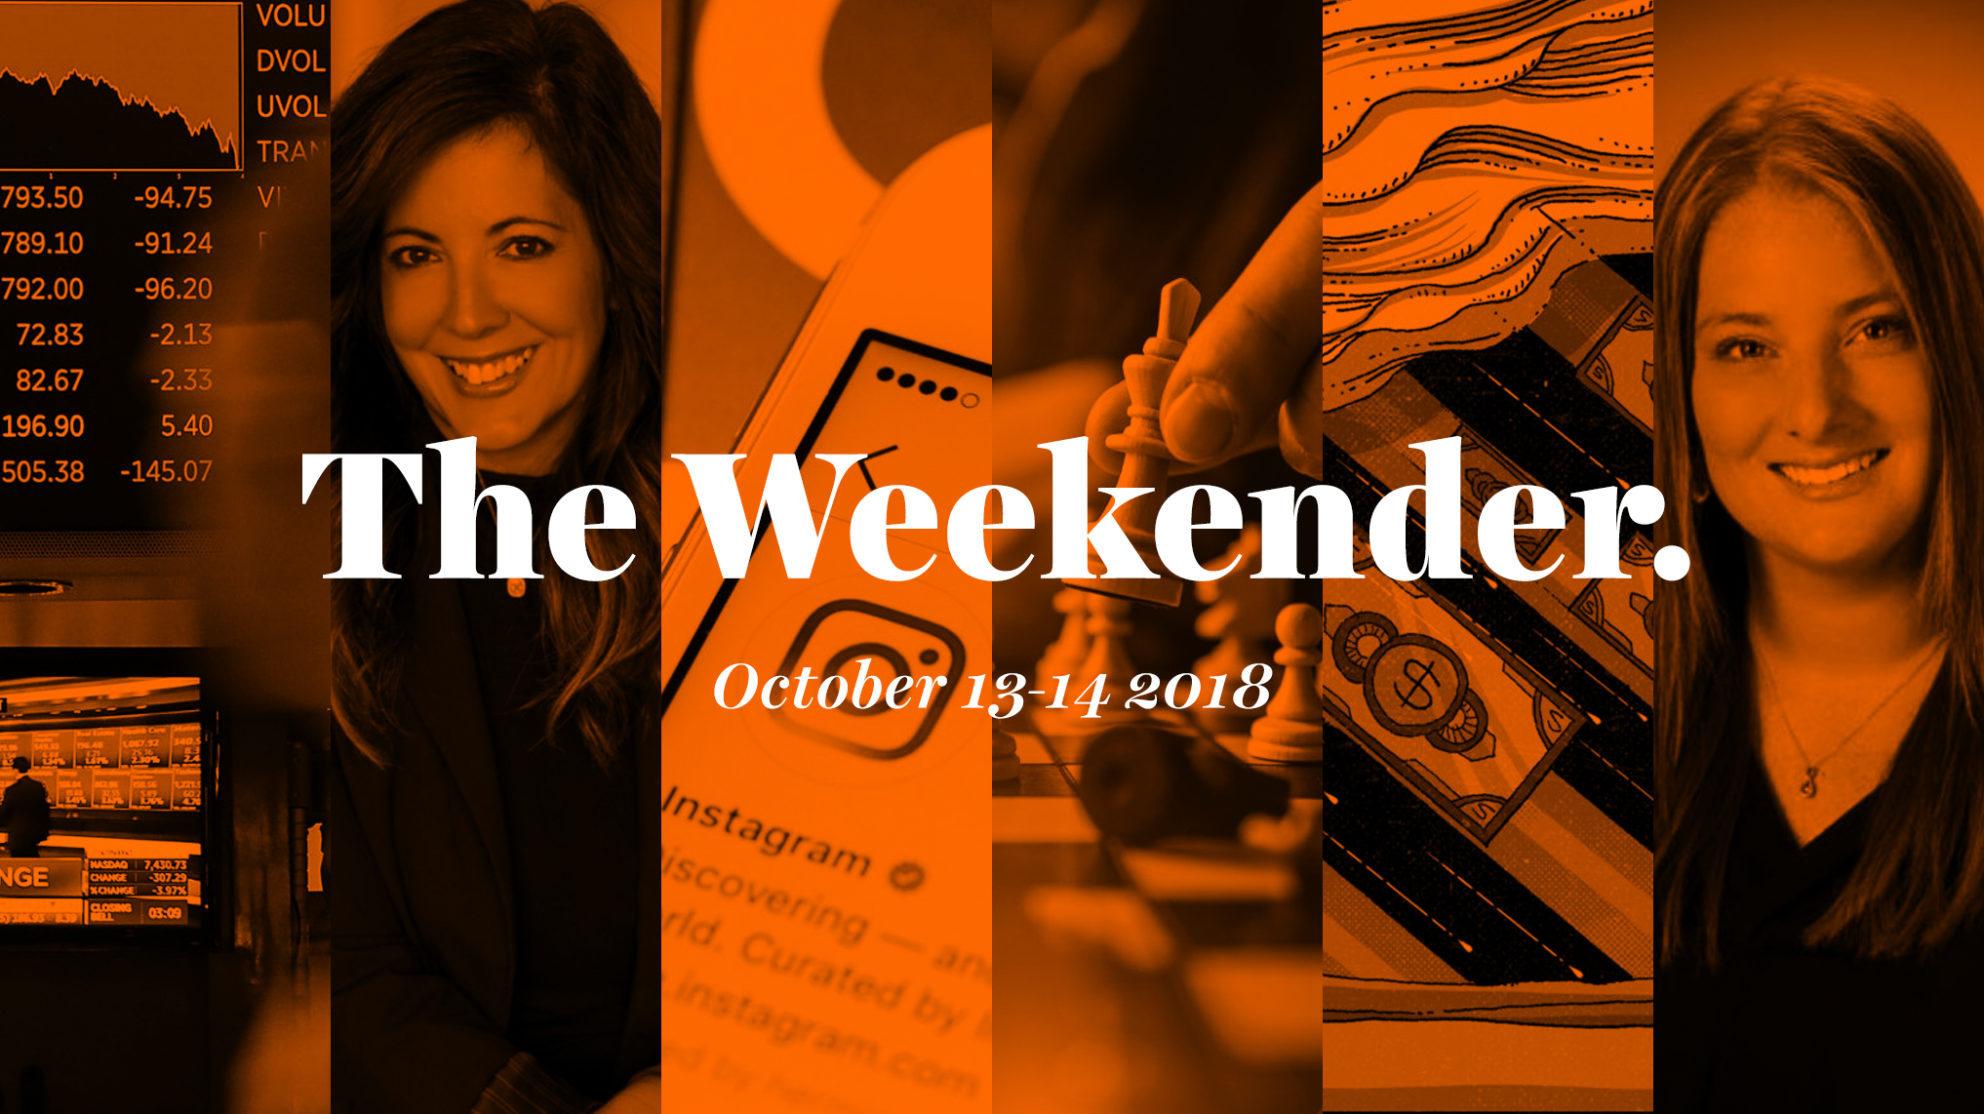 The Inman Weekender, October 13-14, 2018